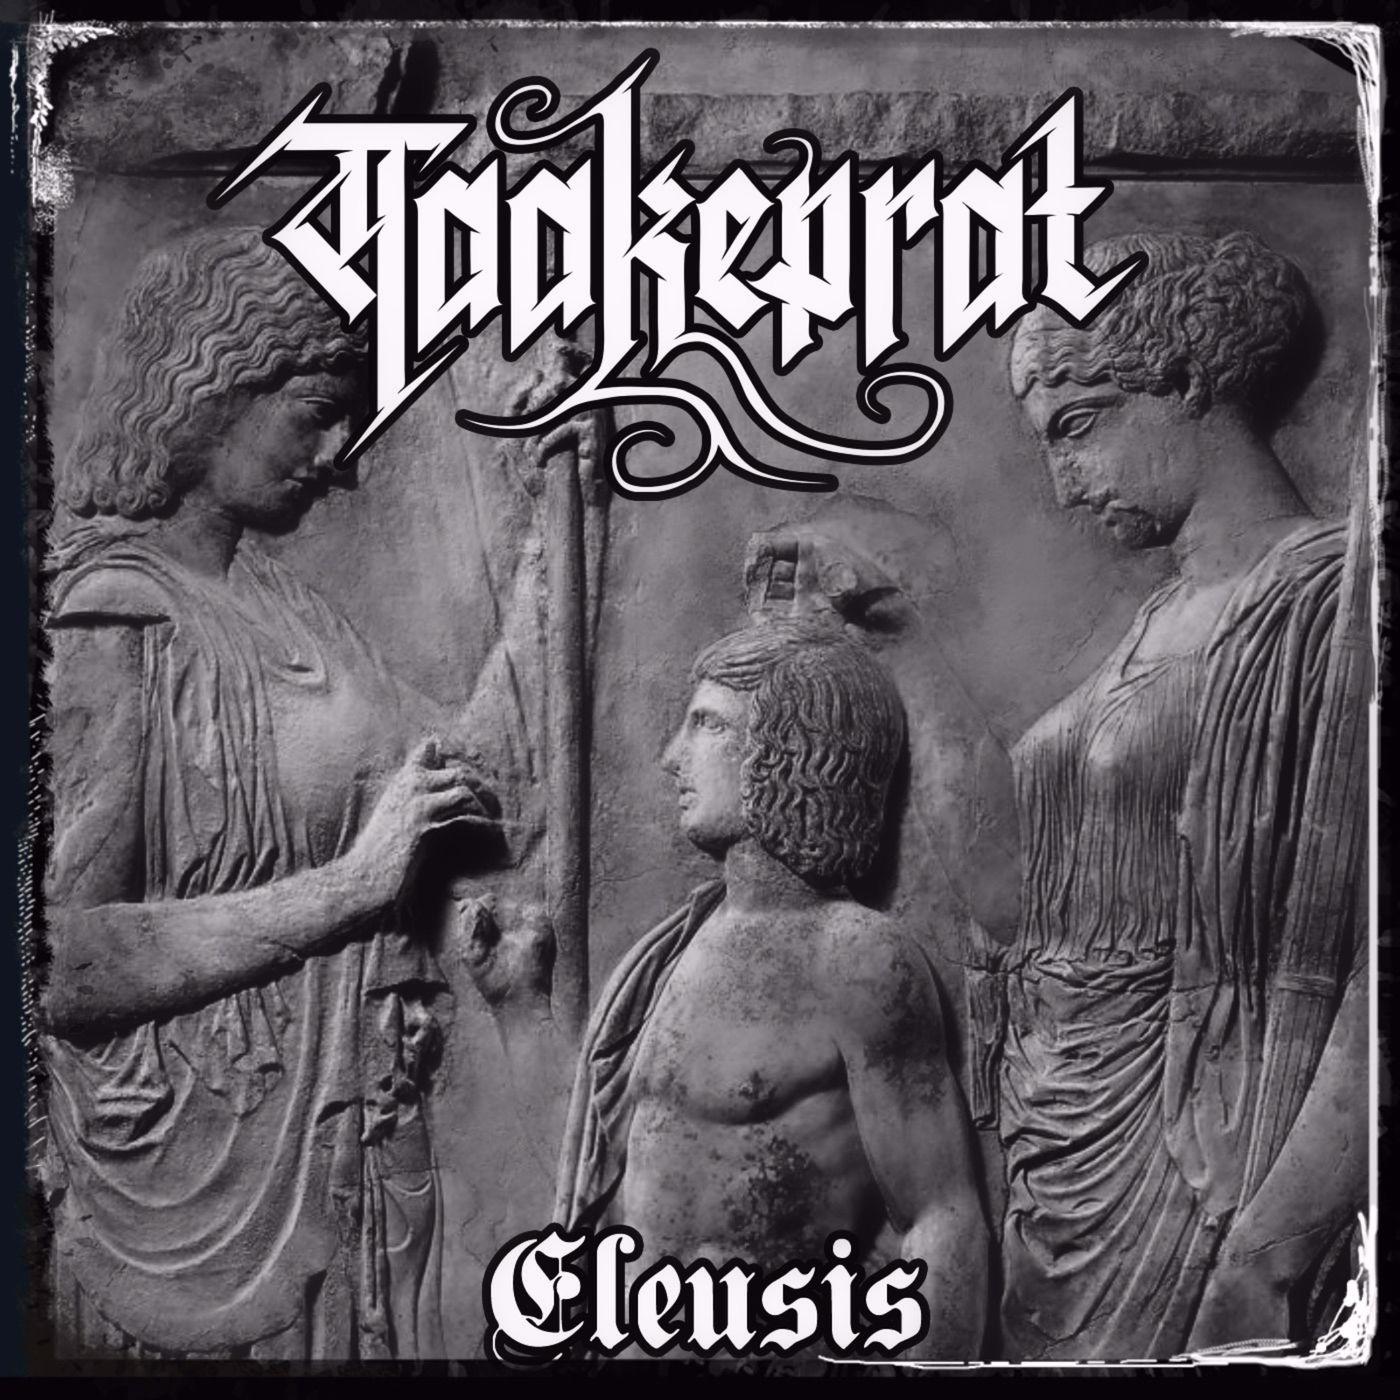 Episode 110 - Eleusis